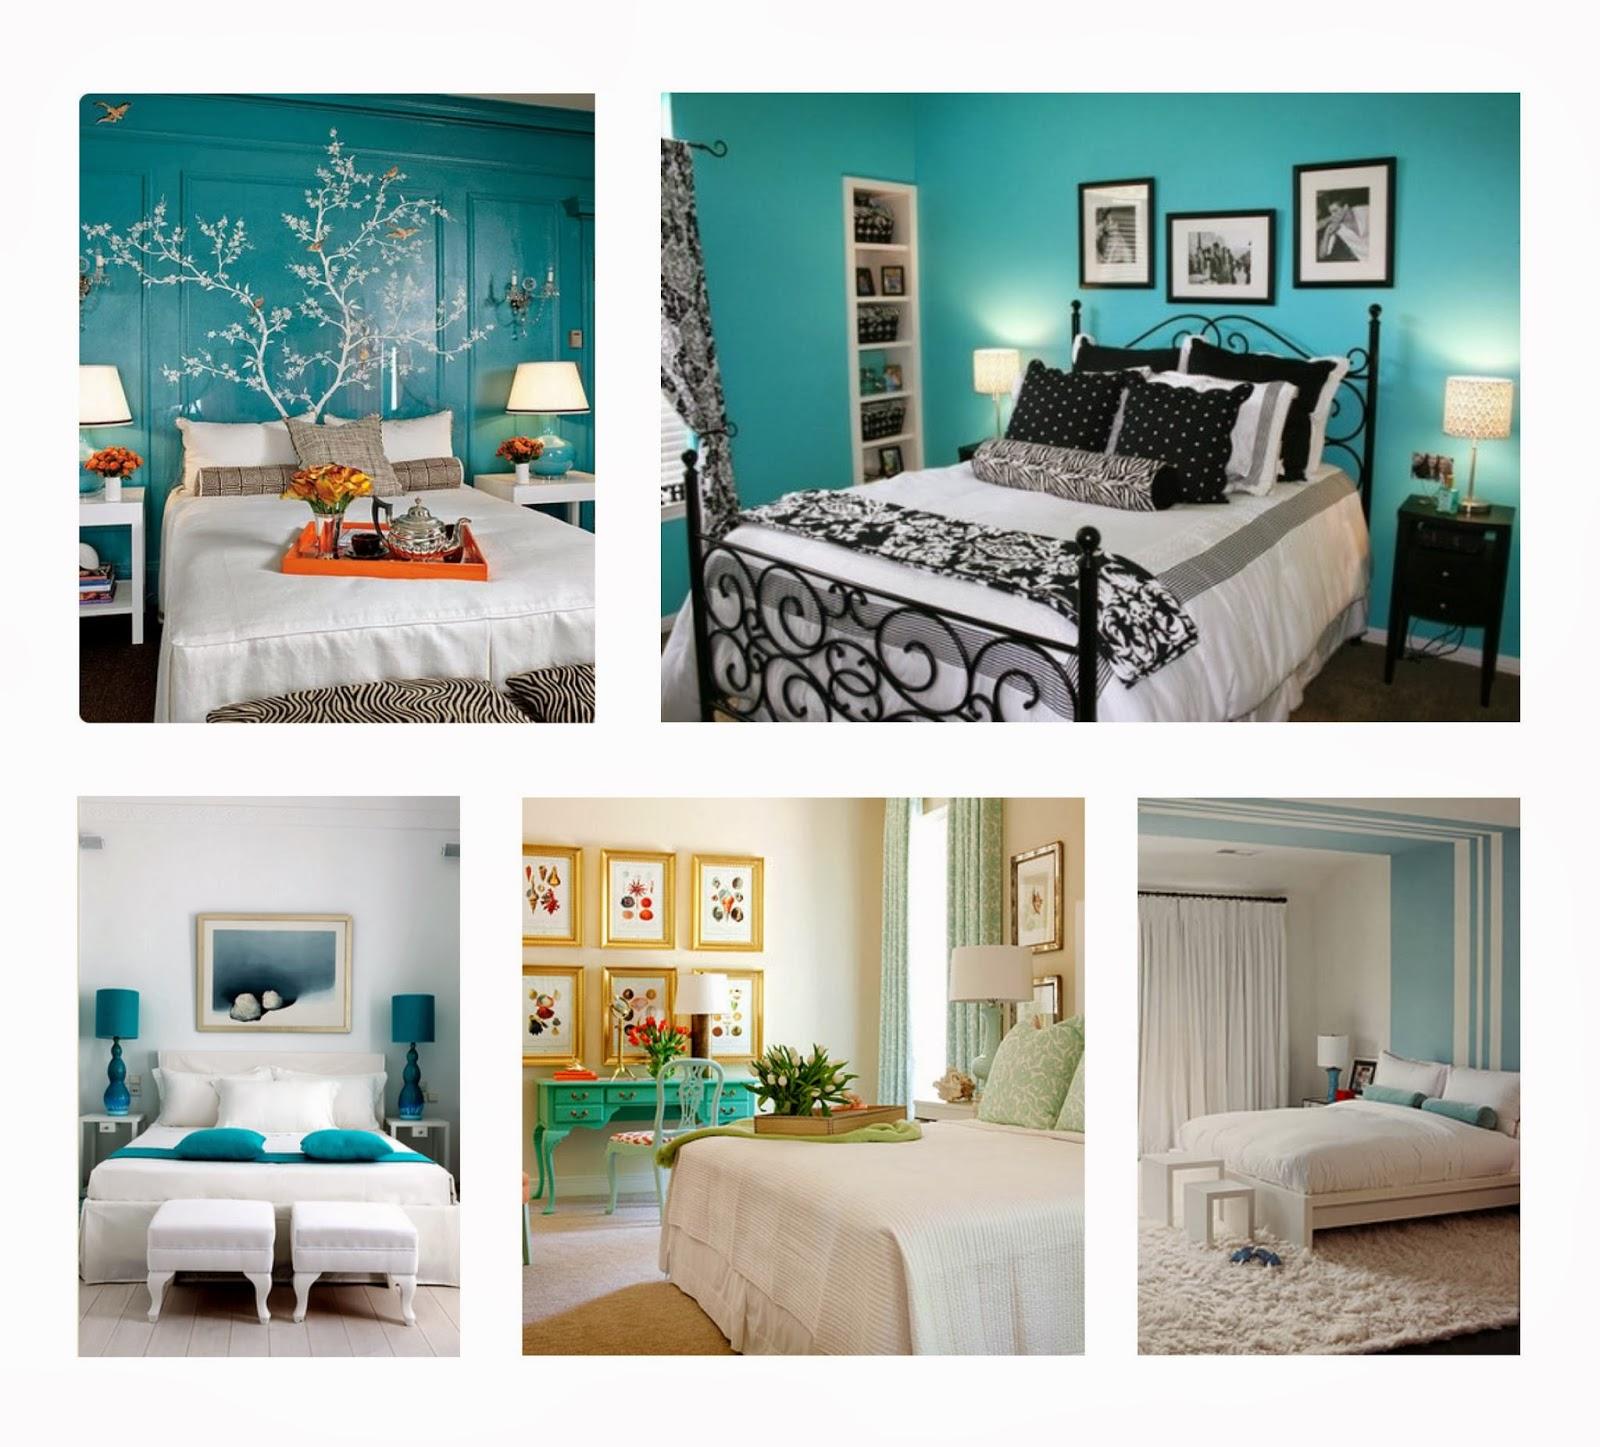 #A16B2A Azul turquesa na decoração 1600x1447 px Banheiros Azul Turquesa 1557